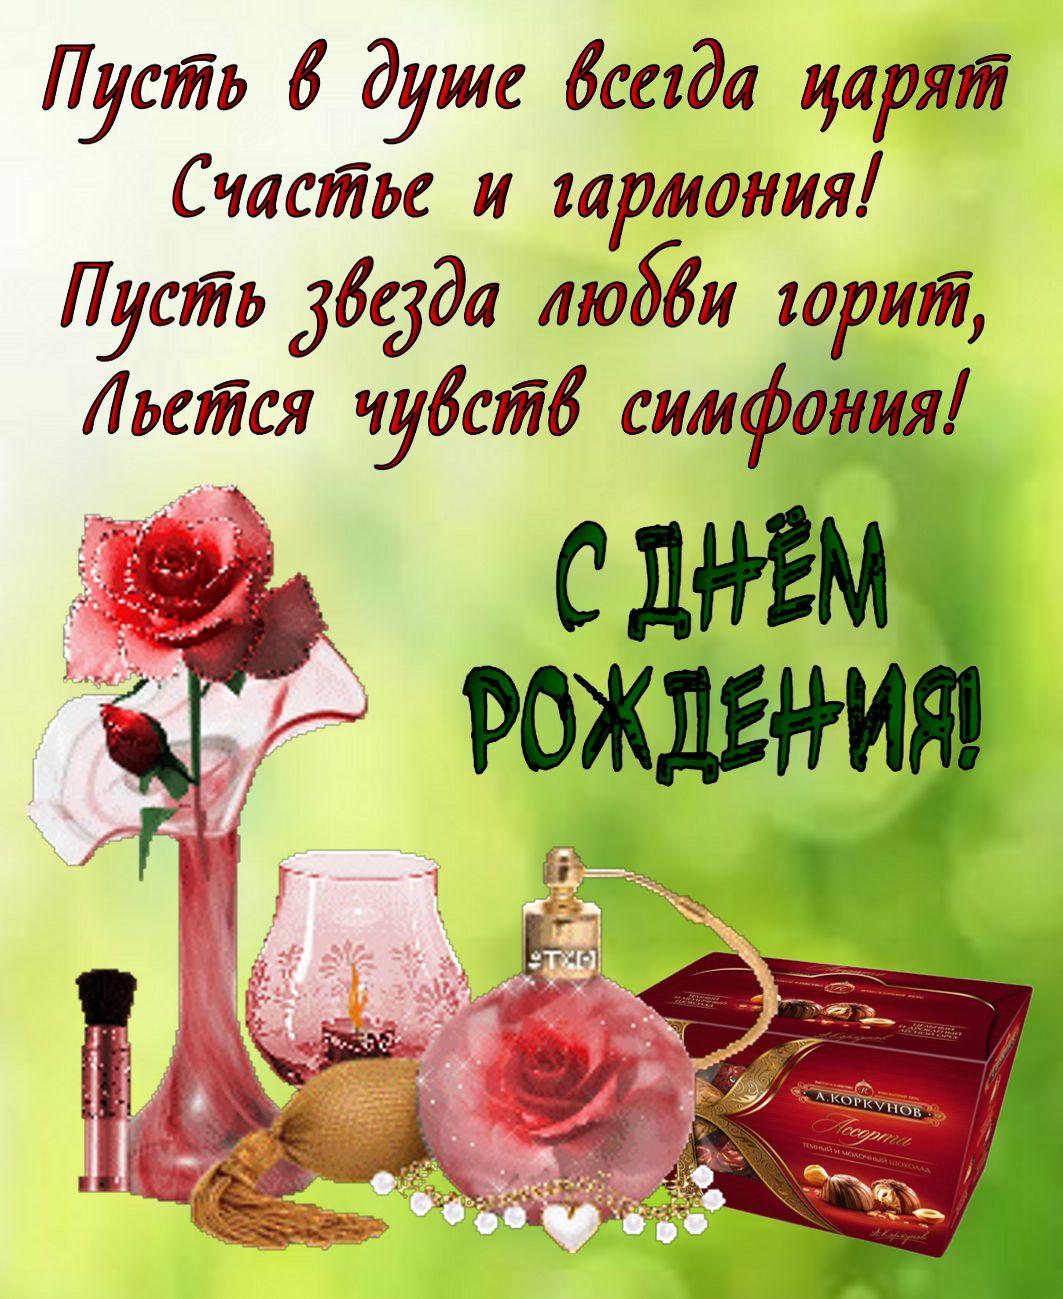 Красивые открытки с днем рождения кумушке